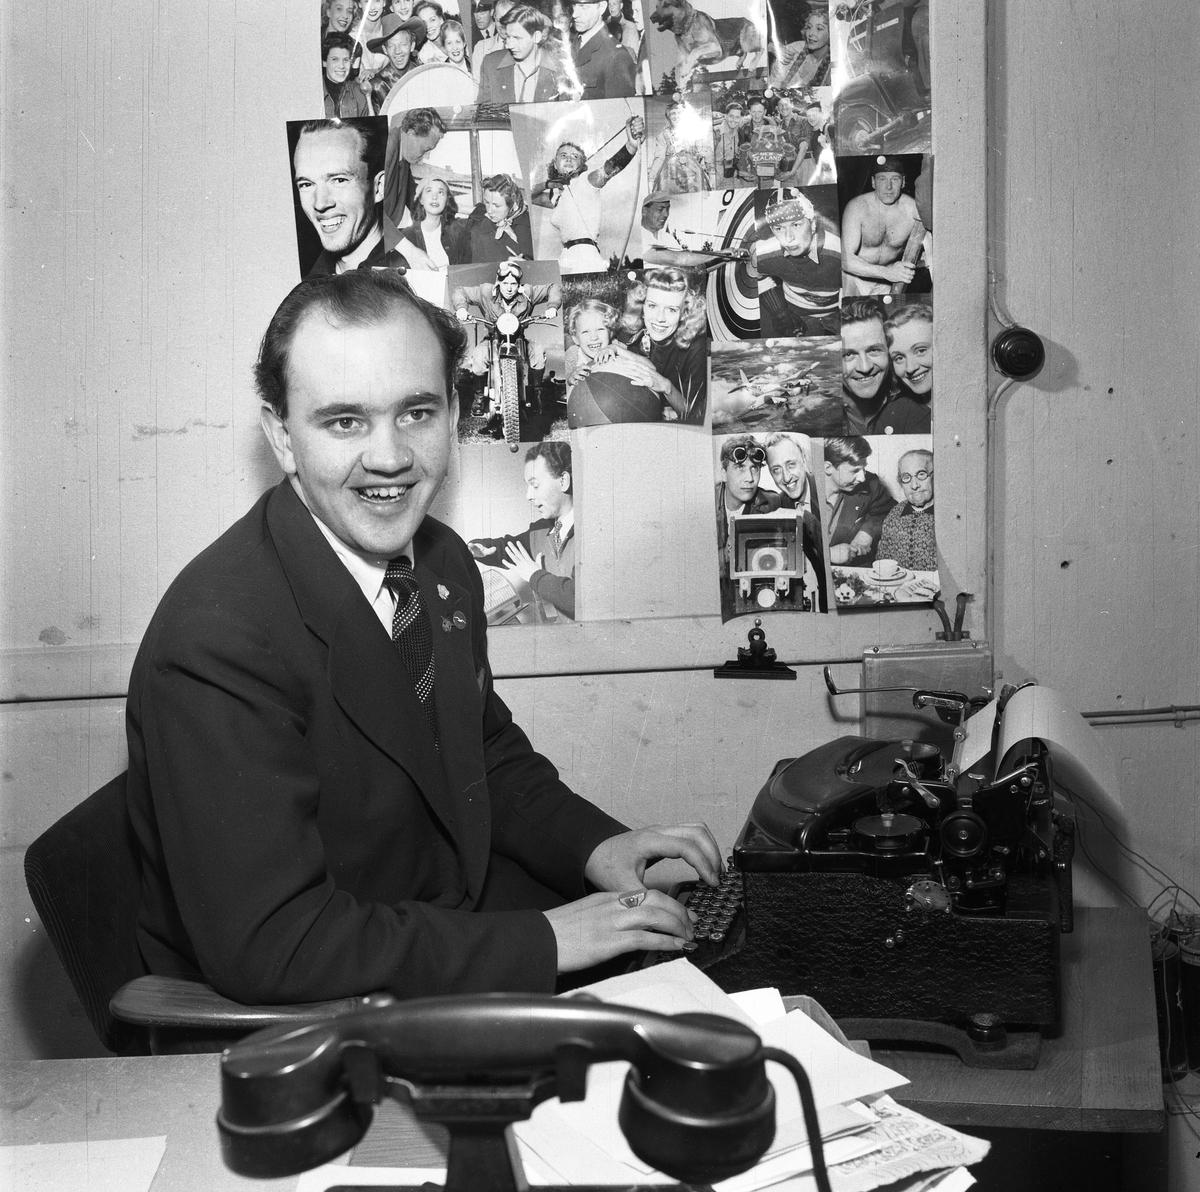 Arboga Tidning, personal och interiör. Journalisten Rune Ström vid skrivmaskinen. På väggen bredvid sitter diverse foton. I förgrunden syns en telefon.